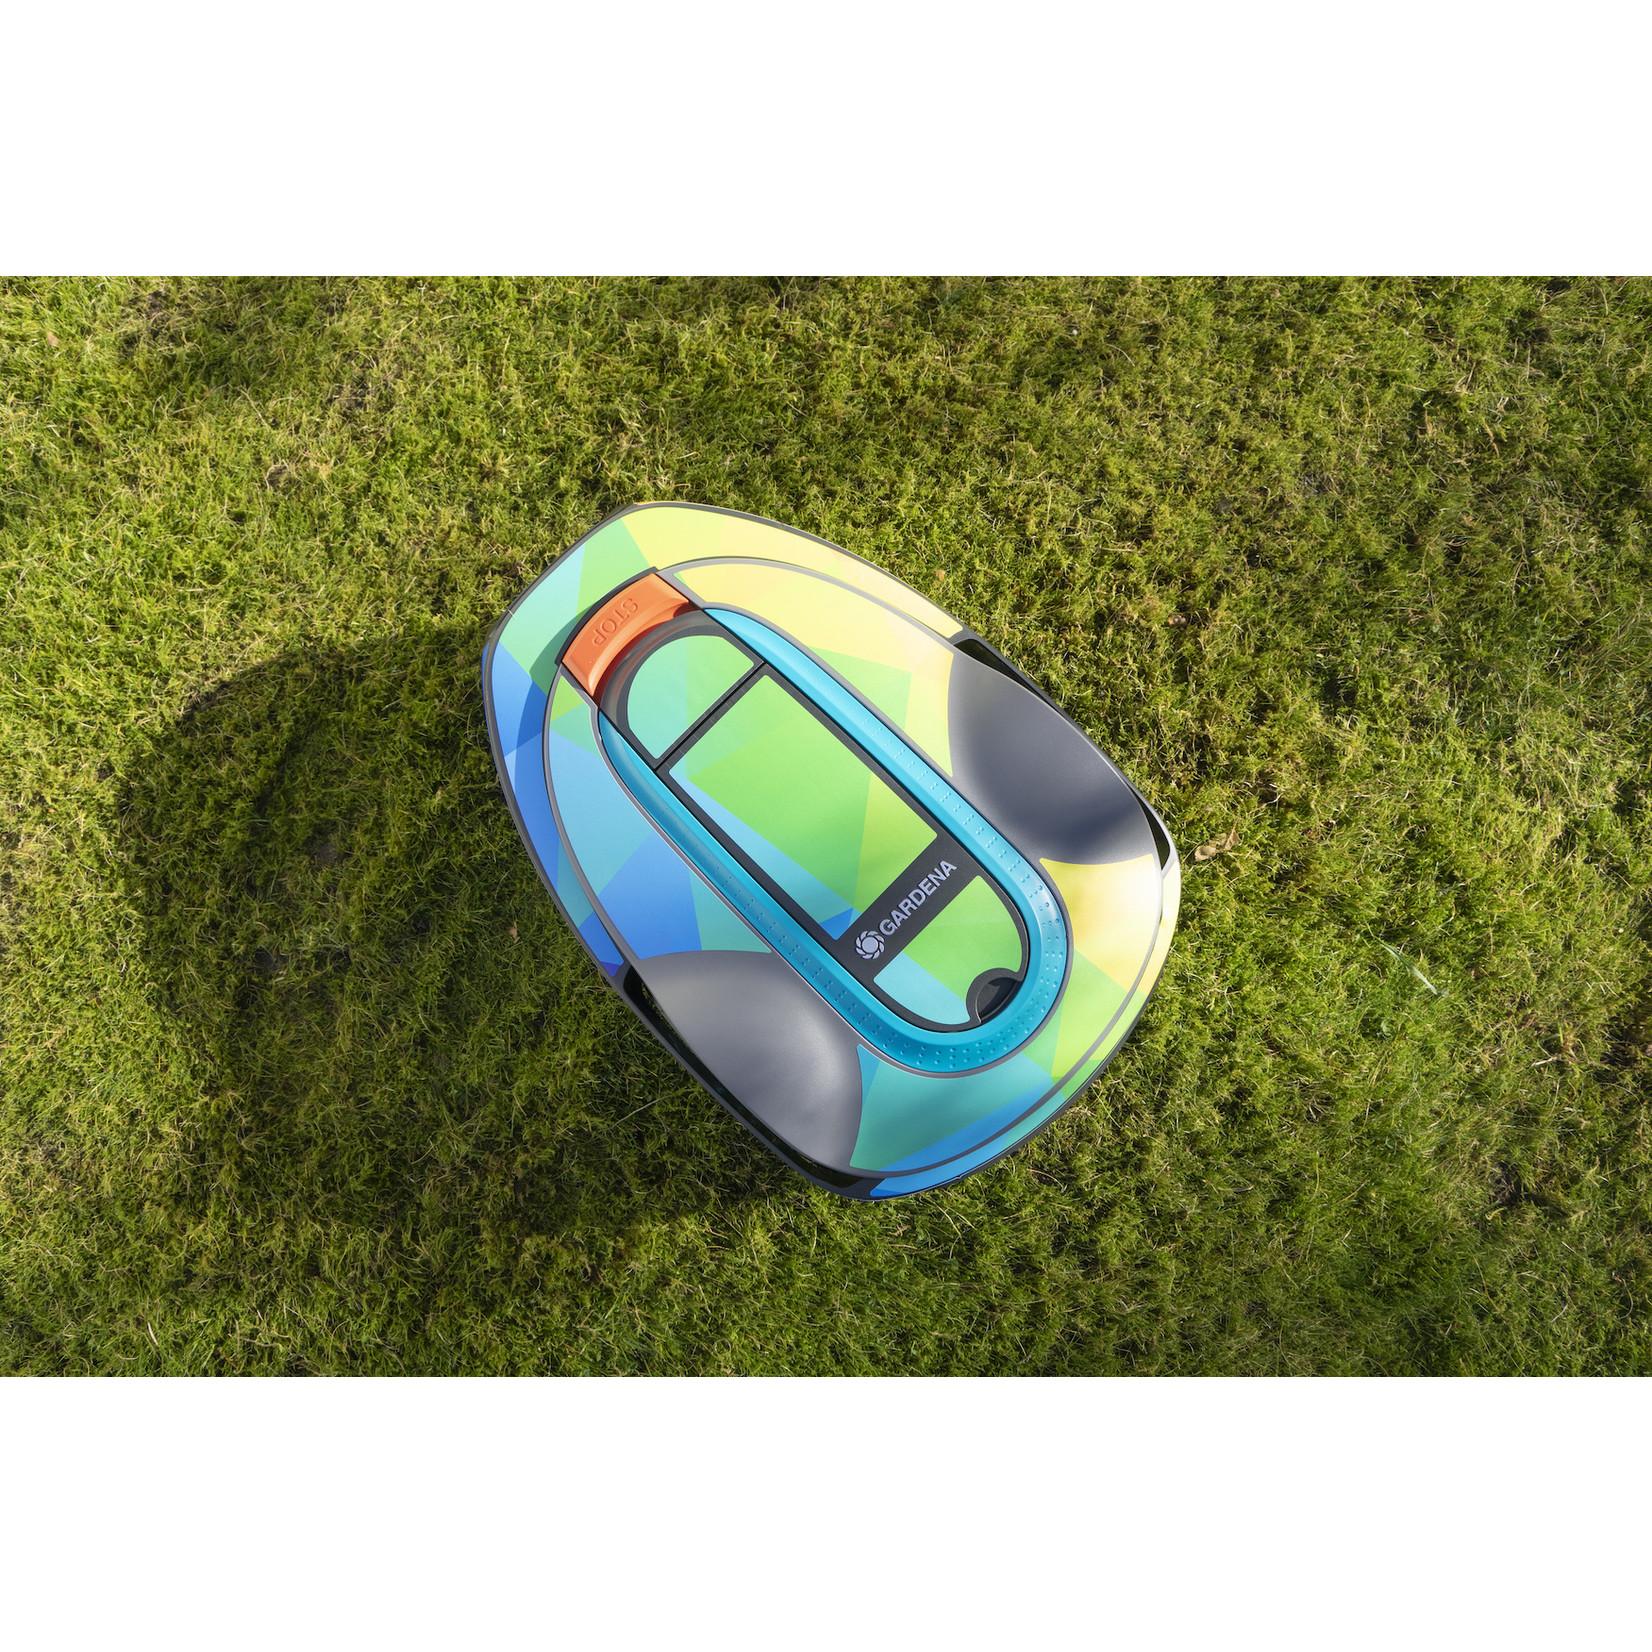 Twinckels Twinckels robotmaaier stickerset (Gardena Sileno) - Geo Regenboog